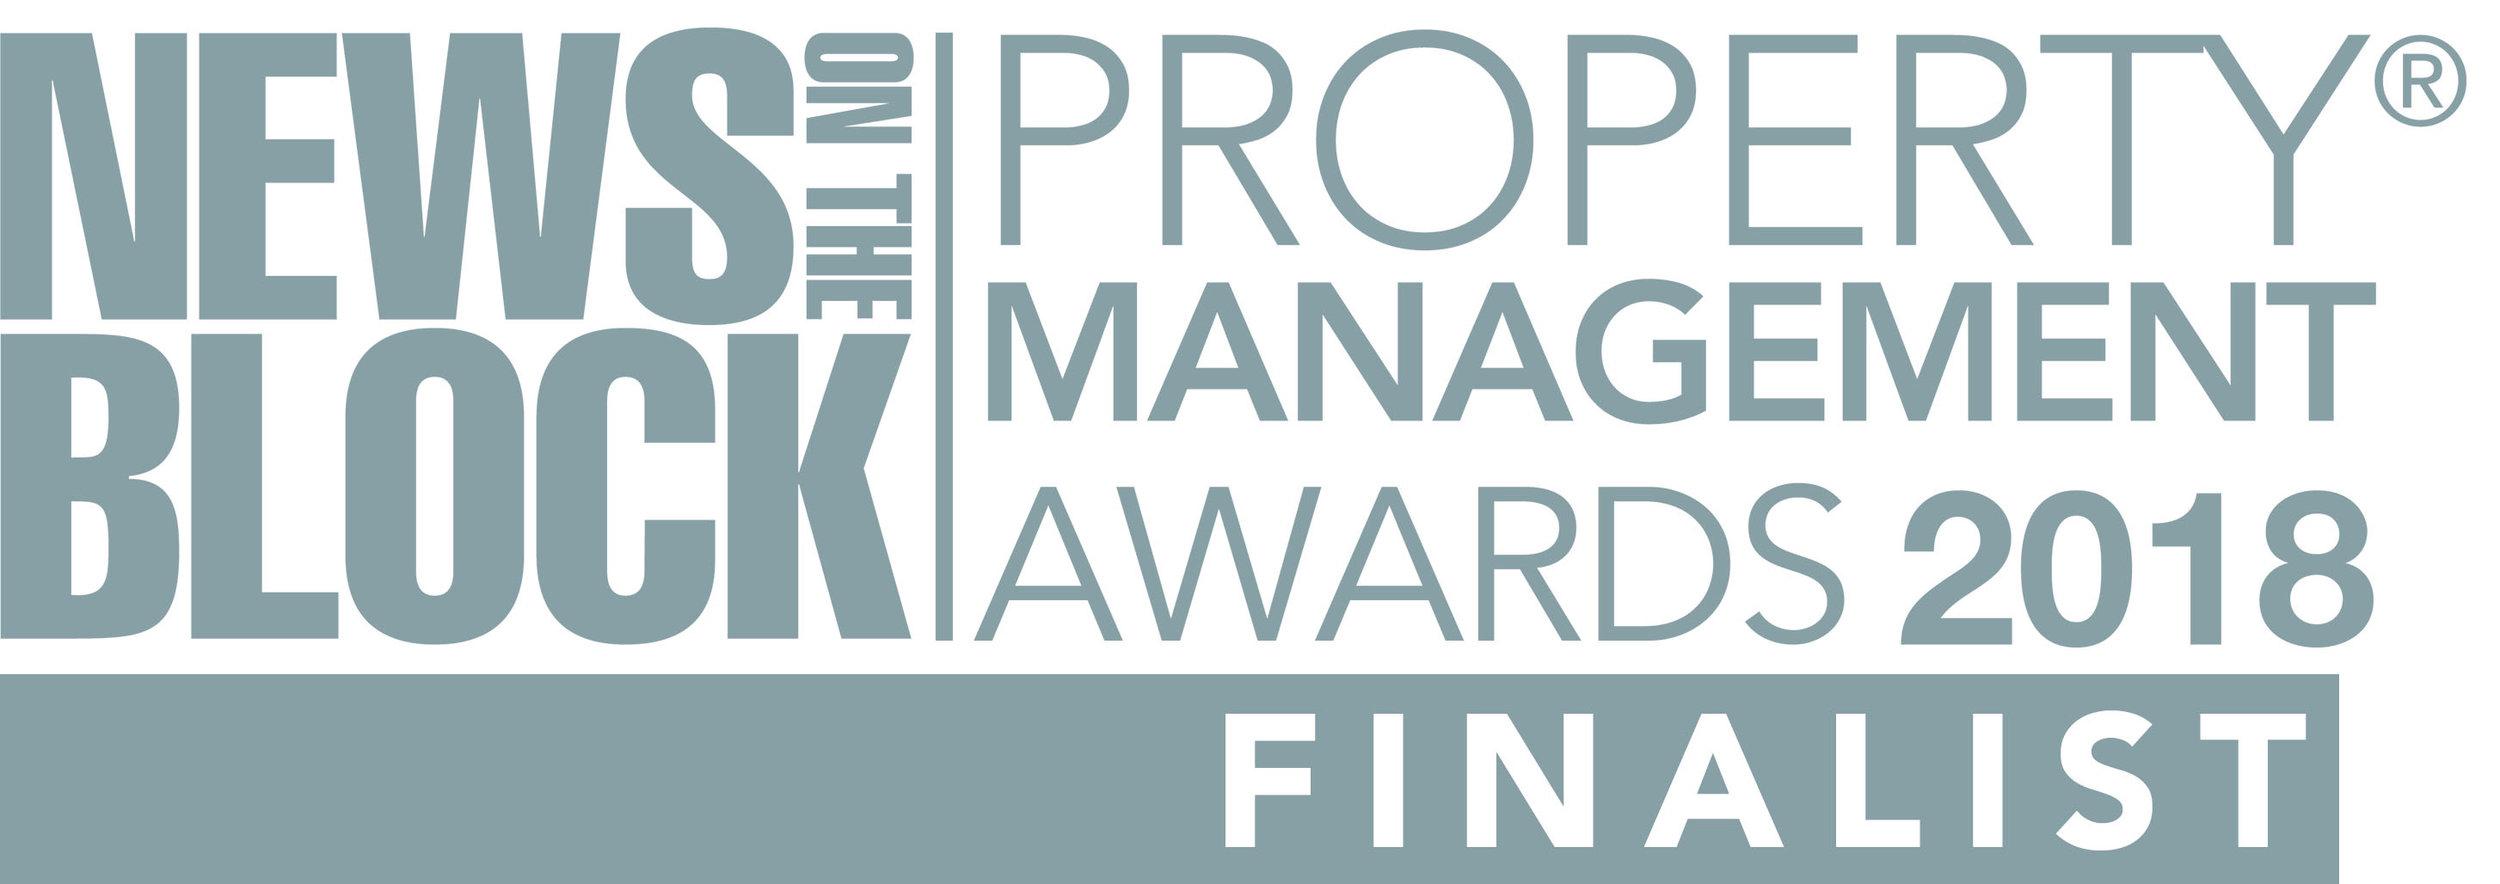 PMA_2018_Finalist_web.jpg